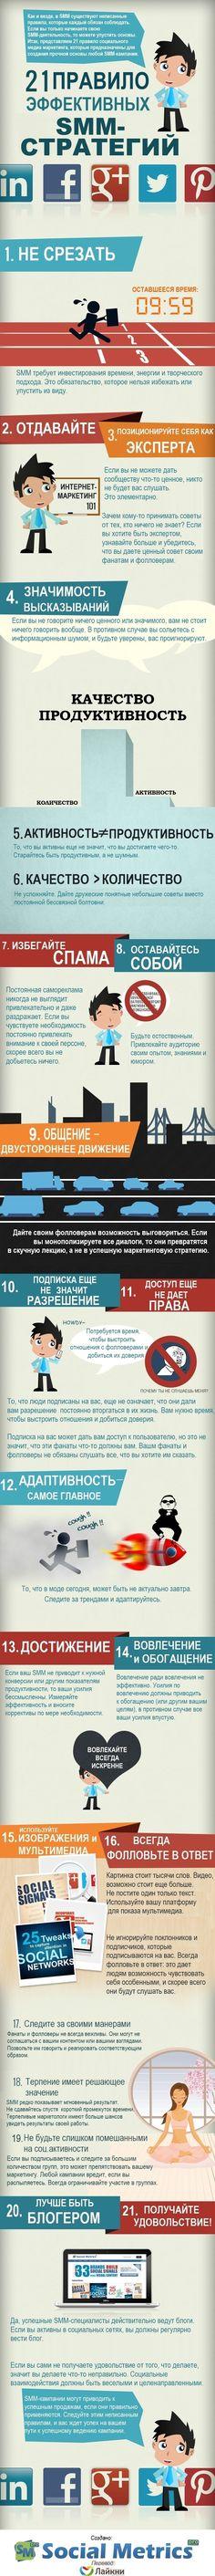 Инфографика: 21 правило эффективного SMM. Сама инфографика неряшливая, но мысли здравые.